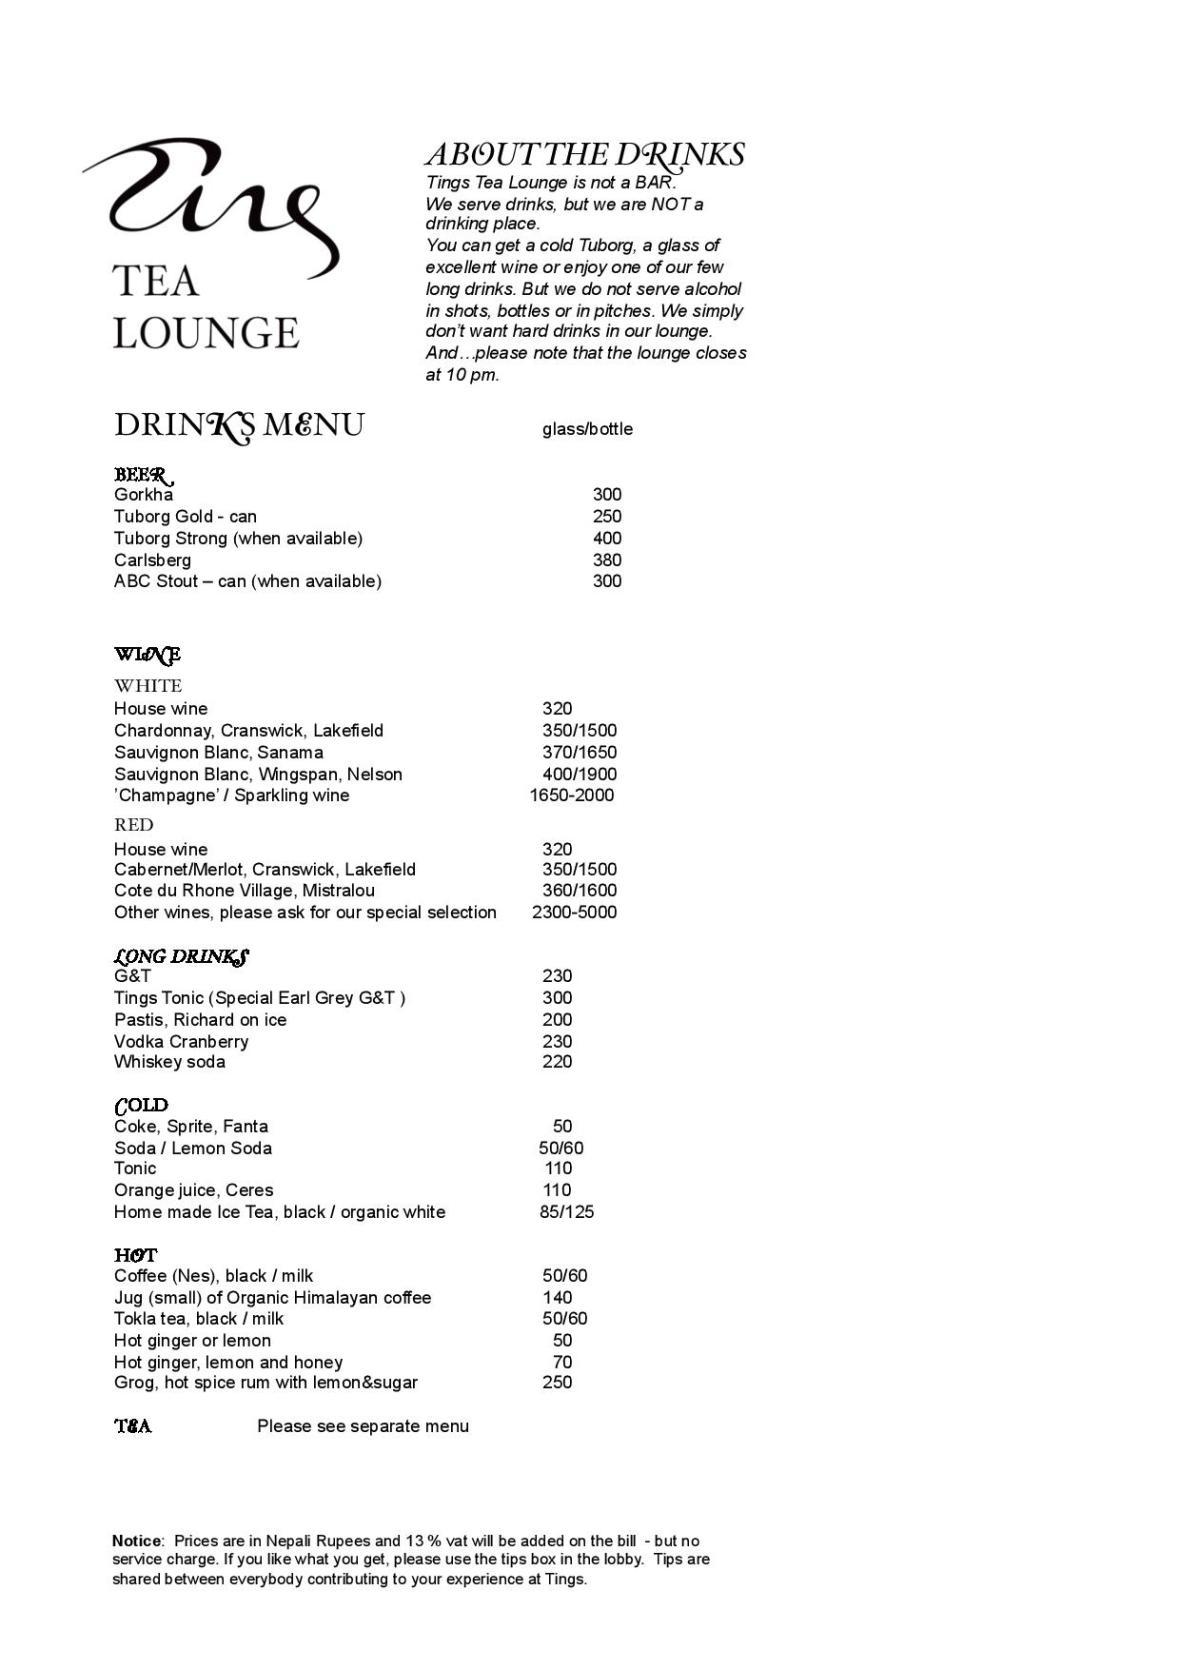 Tings drinks menu updated December 6